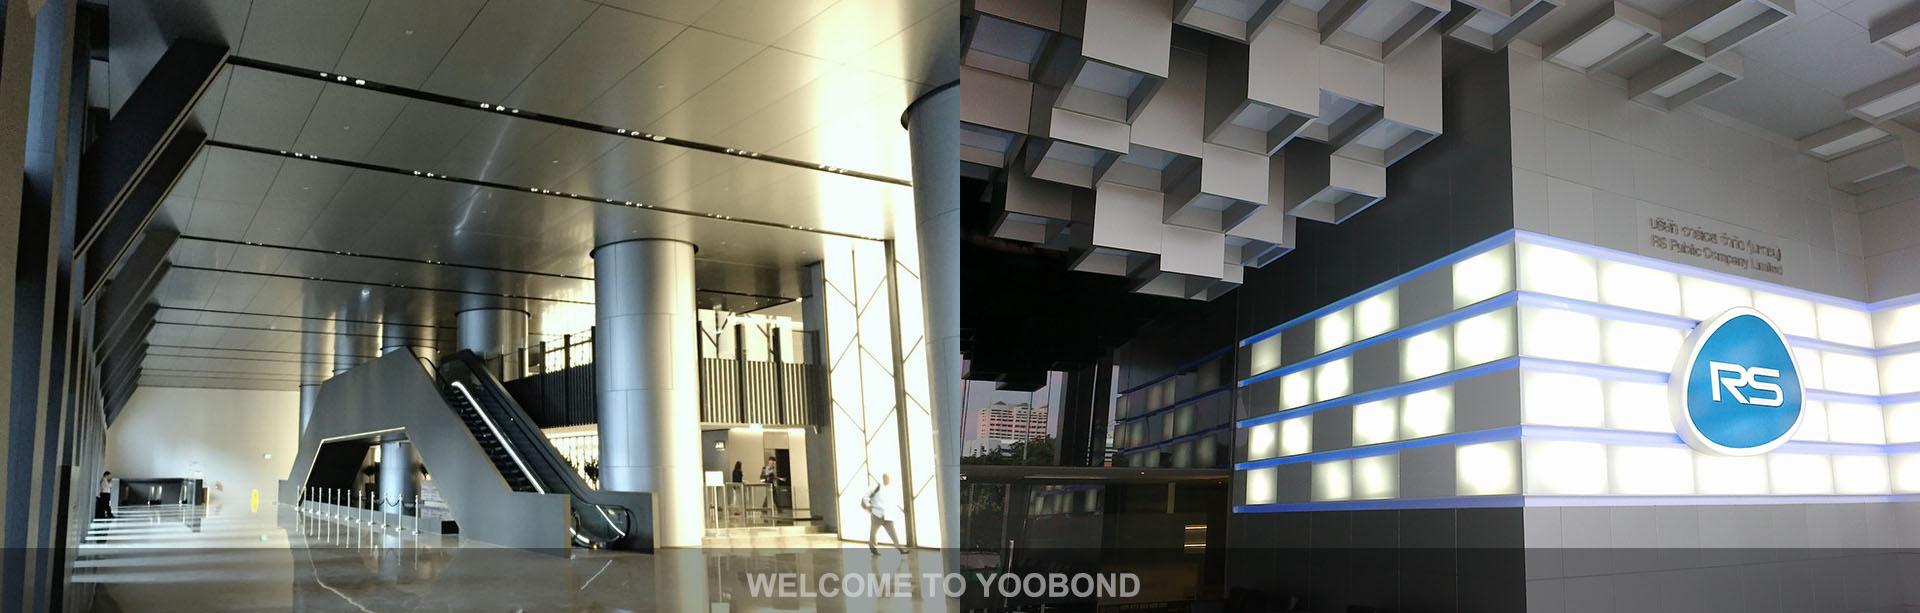 Yoobond